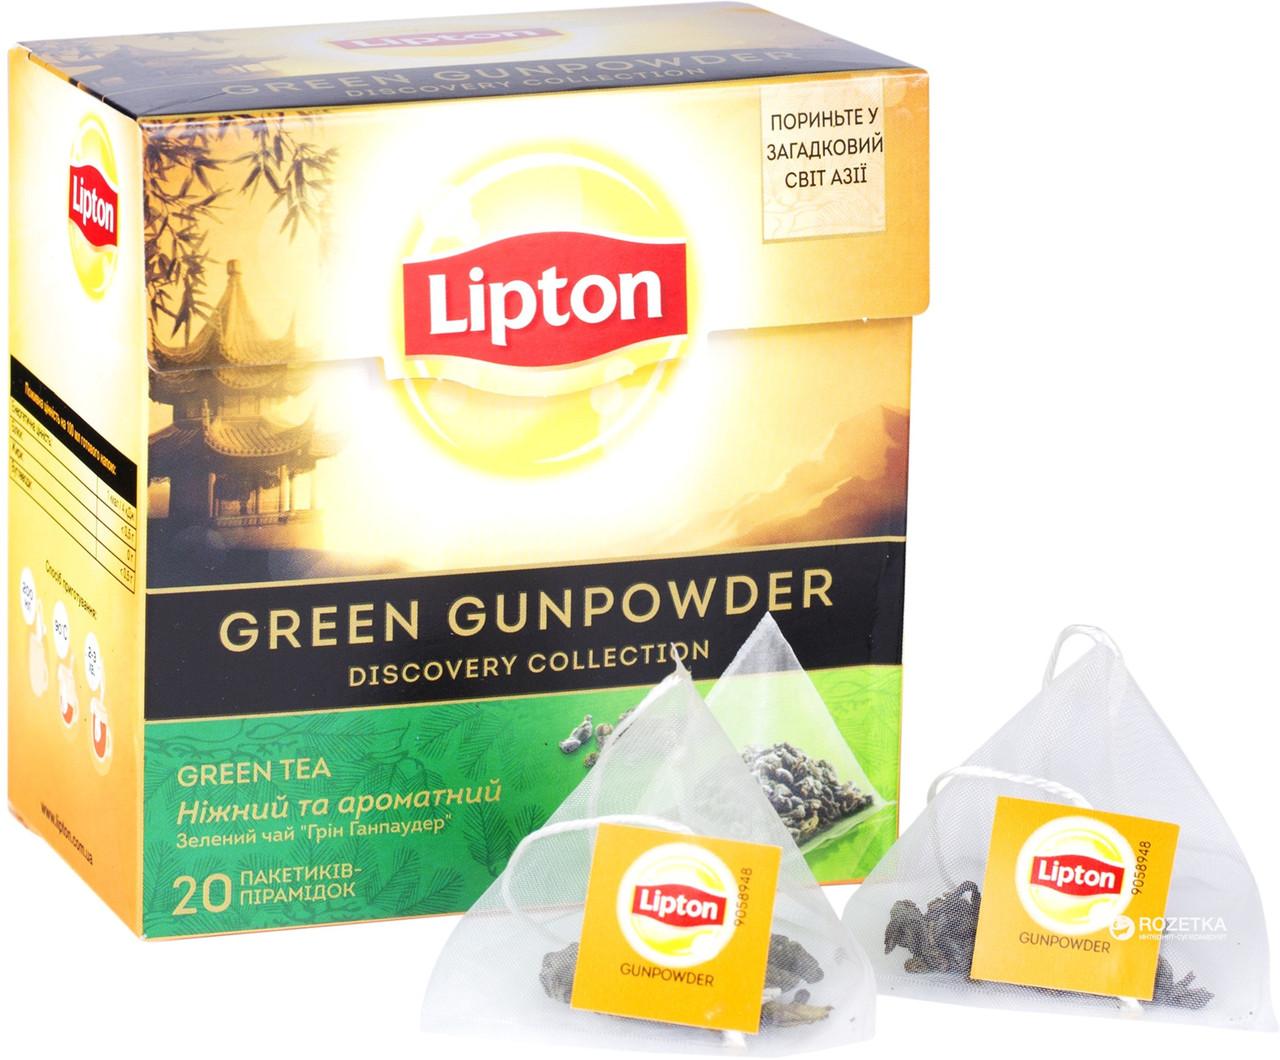 Зелёный чай Липтон Gunpowder с ароматом османтуса 20 пирамидок